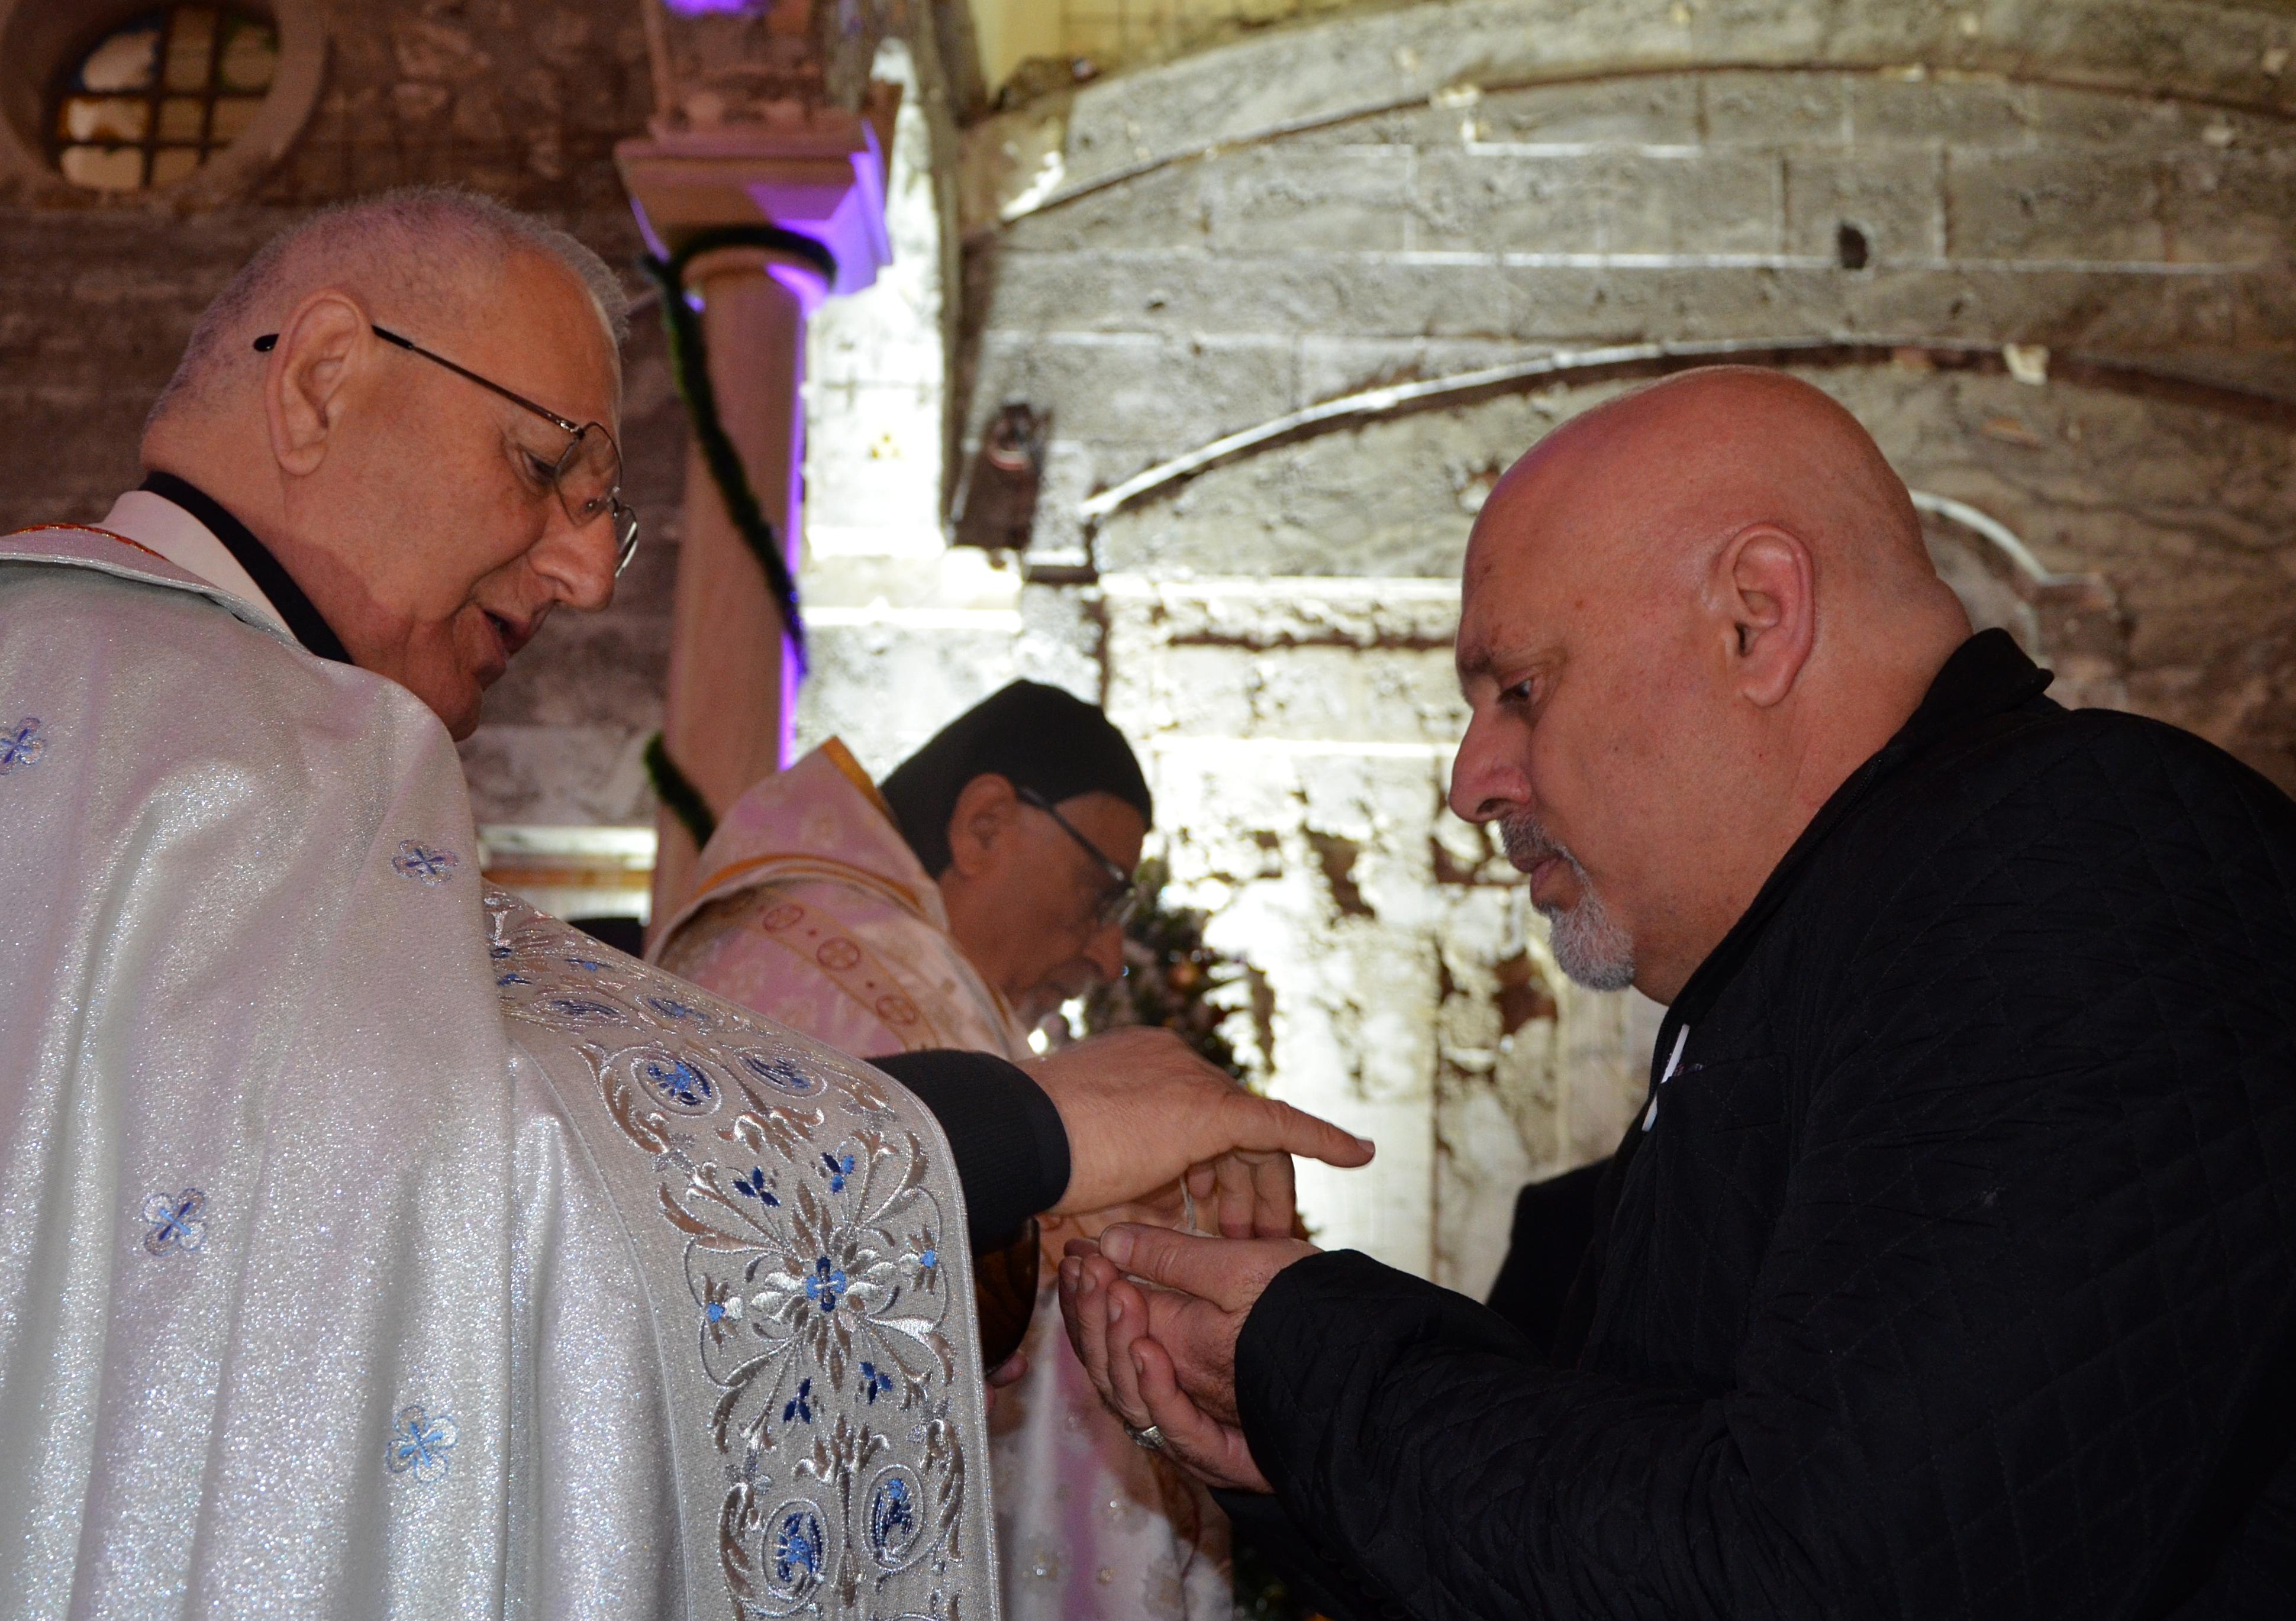 القربان المقدس أحد أهم طقوس القداس